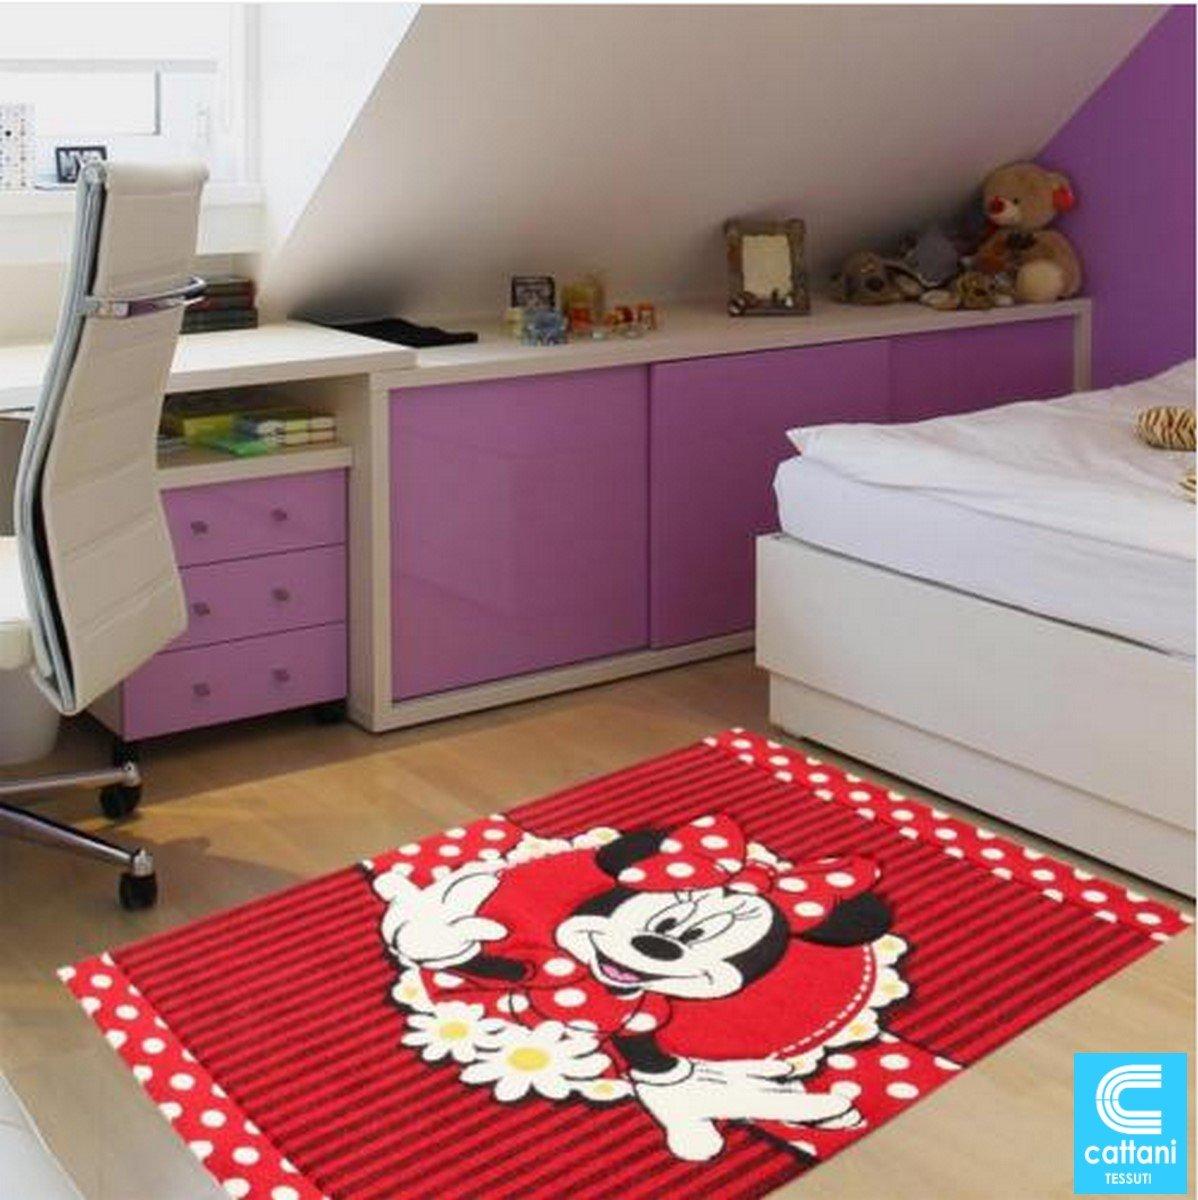 Teppich für Kinder – Disney Minnie Mouse – Größe cm 120 x 170 – Kurzflor 13 mm